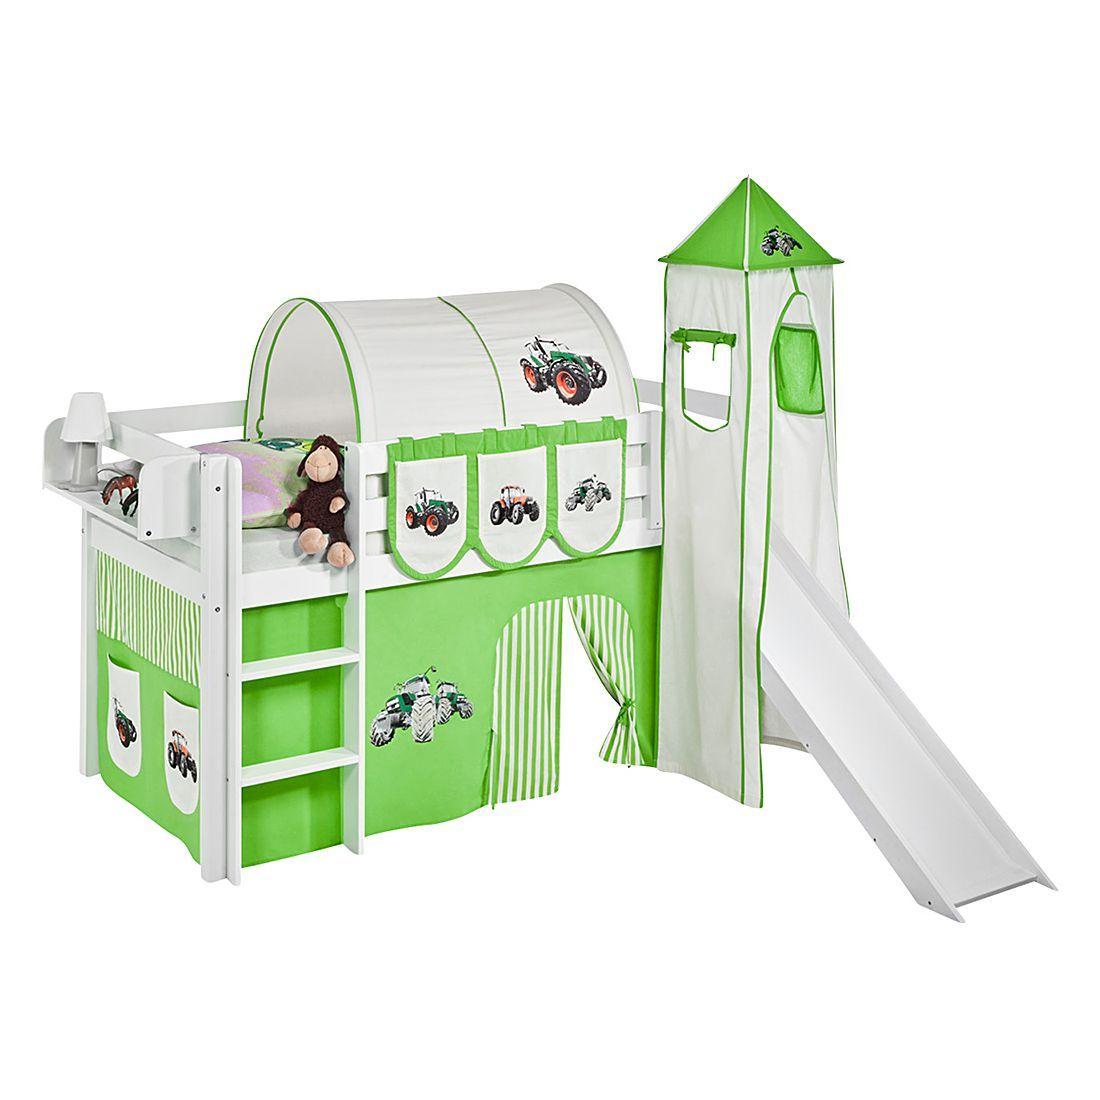 Kinderhochbett mit rutsche maße  Hochbett mit Rutsche weiß HELLO KITTY LILA - JELLE #hochbett ...